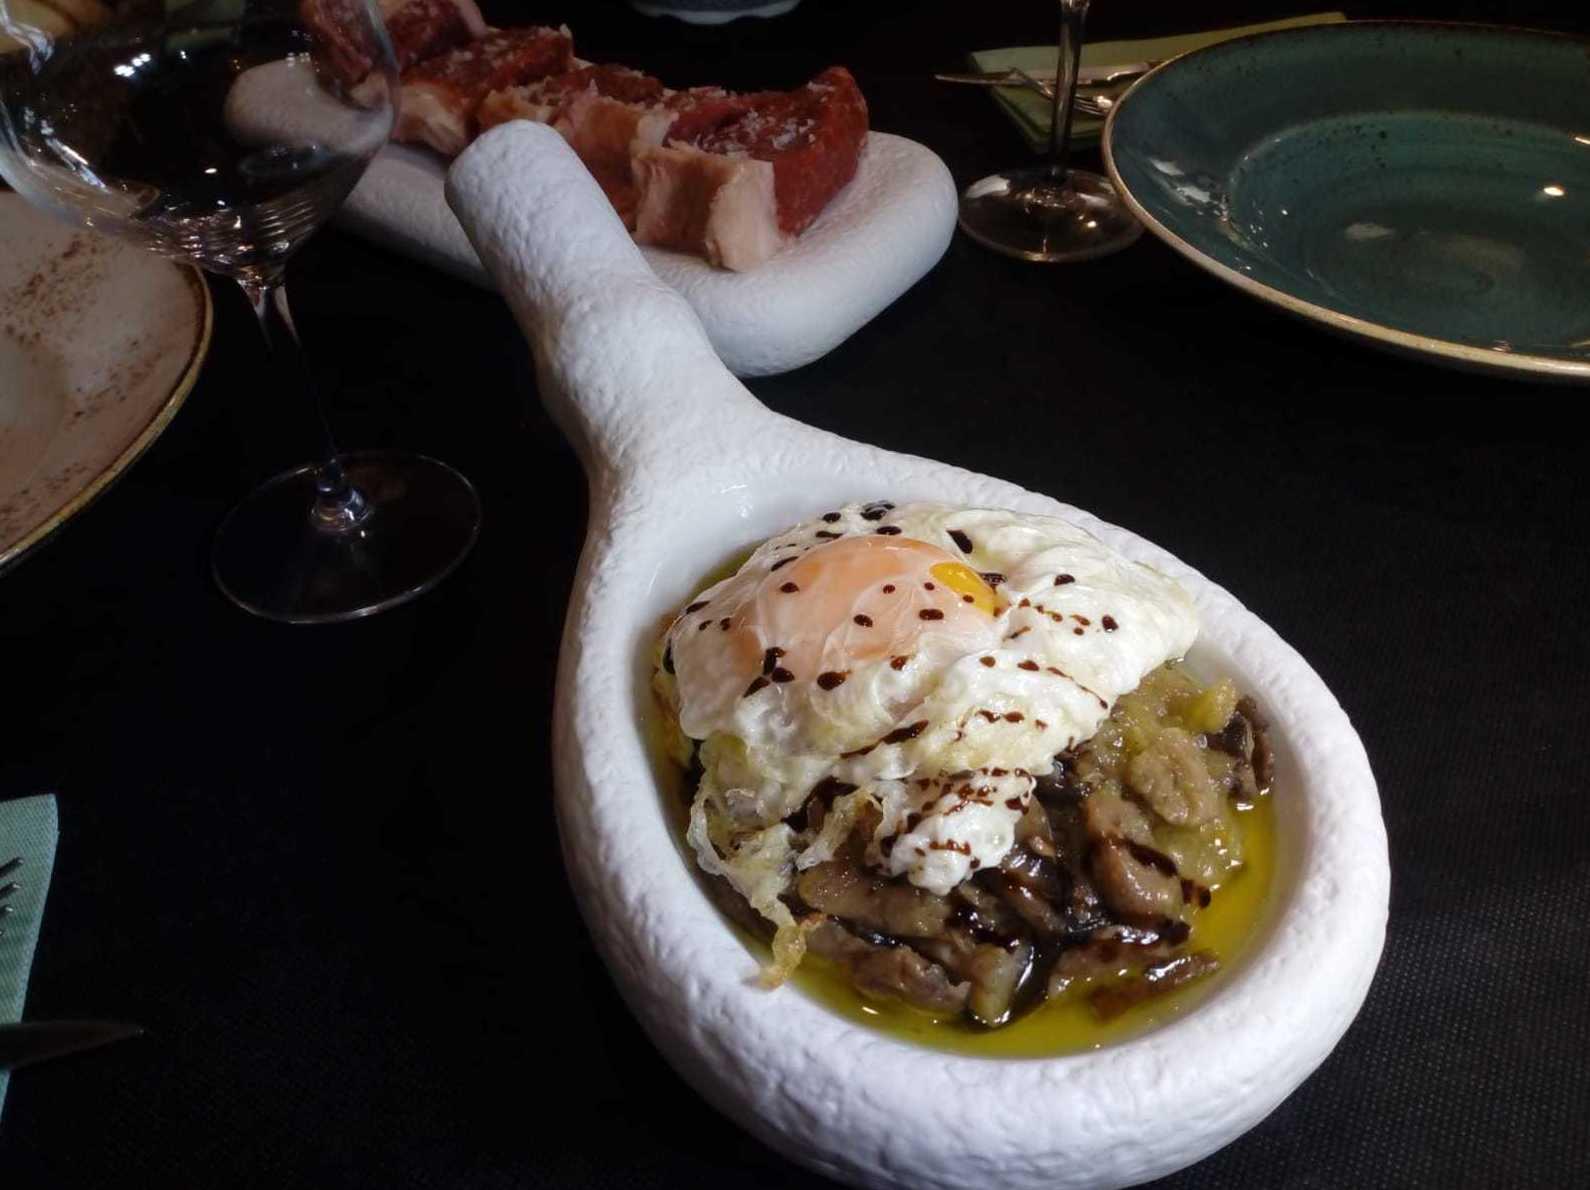 volcń de setas con cebolla caramelizada, huevo y queso de cabra